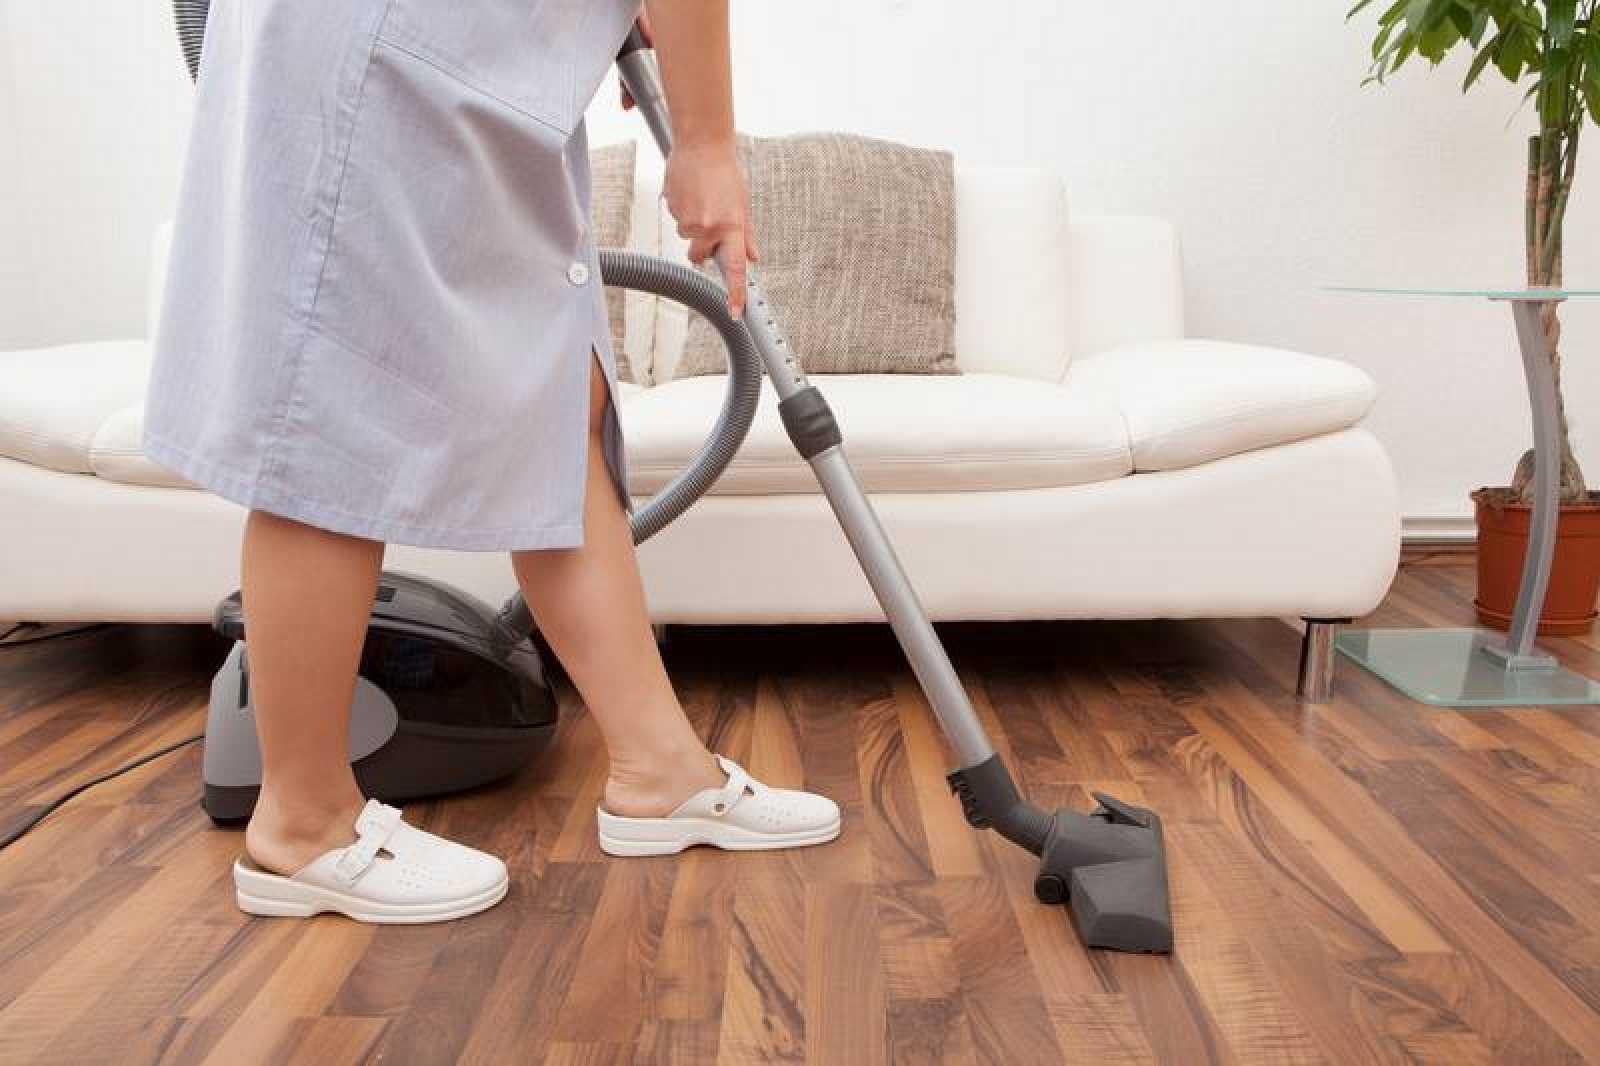 El Gobierno da un subsidio a las trabajadoras del hogar que se hayan visto afectadas por el coronavirus